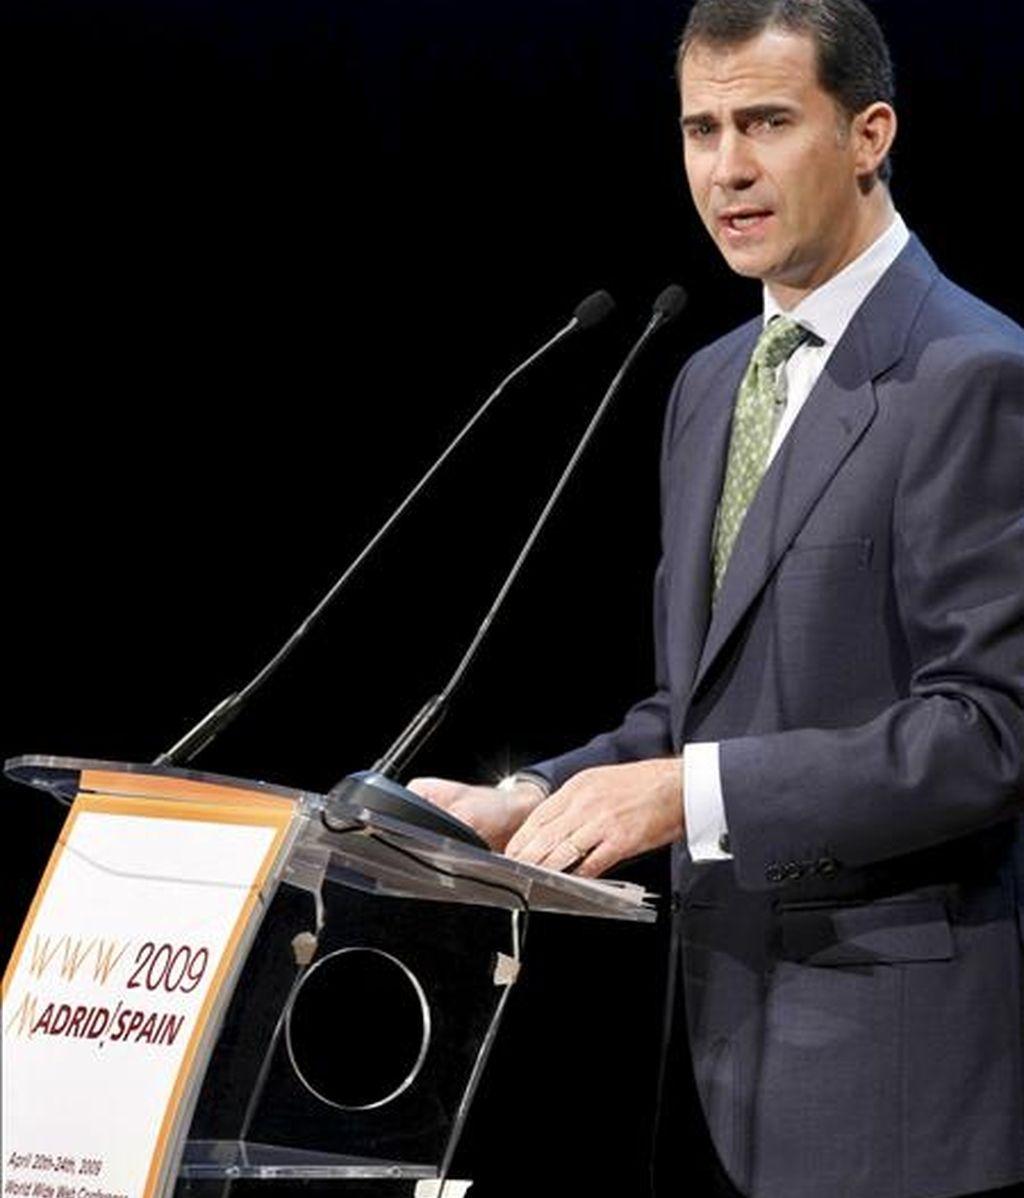 El príncipe Felipe, durante su intervención en el acto de apertura oficial del Congreso Mundial de la Web (WWW2009), organizado por el International World Wide Web Conferences Steering Committee (IW3C2) y la Universidad Politécnica de Madrid. EFE